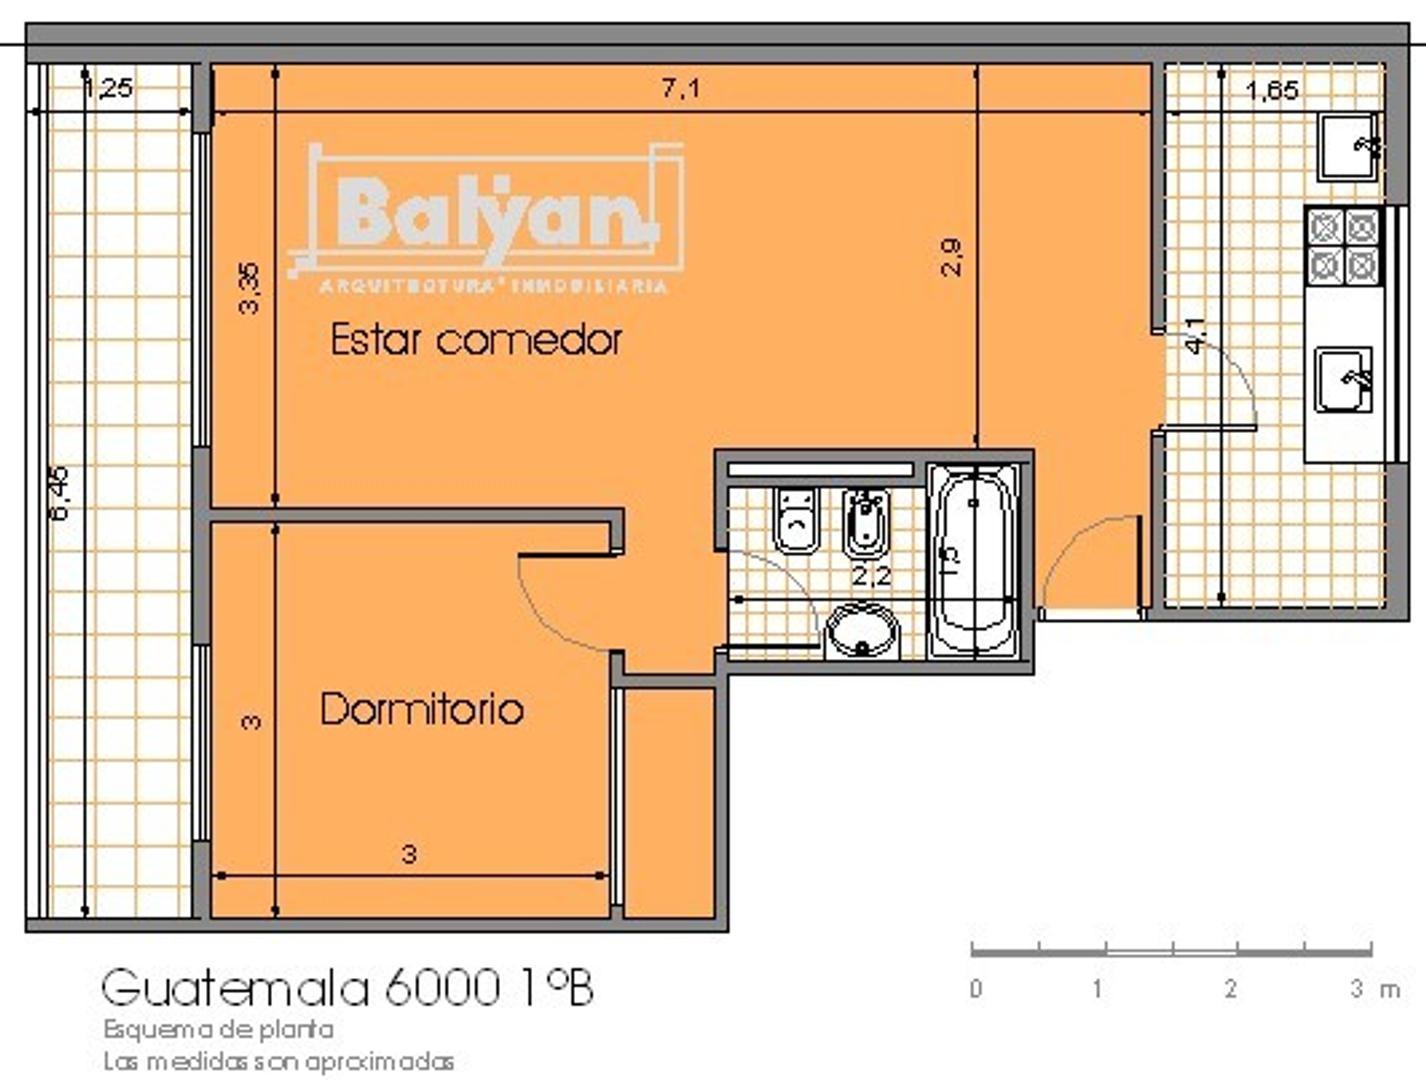 Departamento en Palermo Hollywood con 1 habitacion